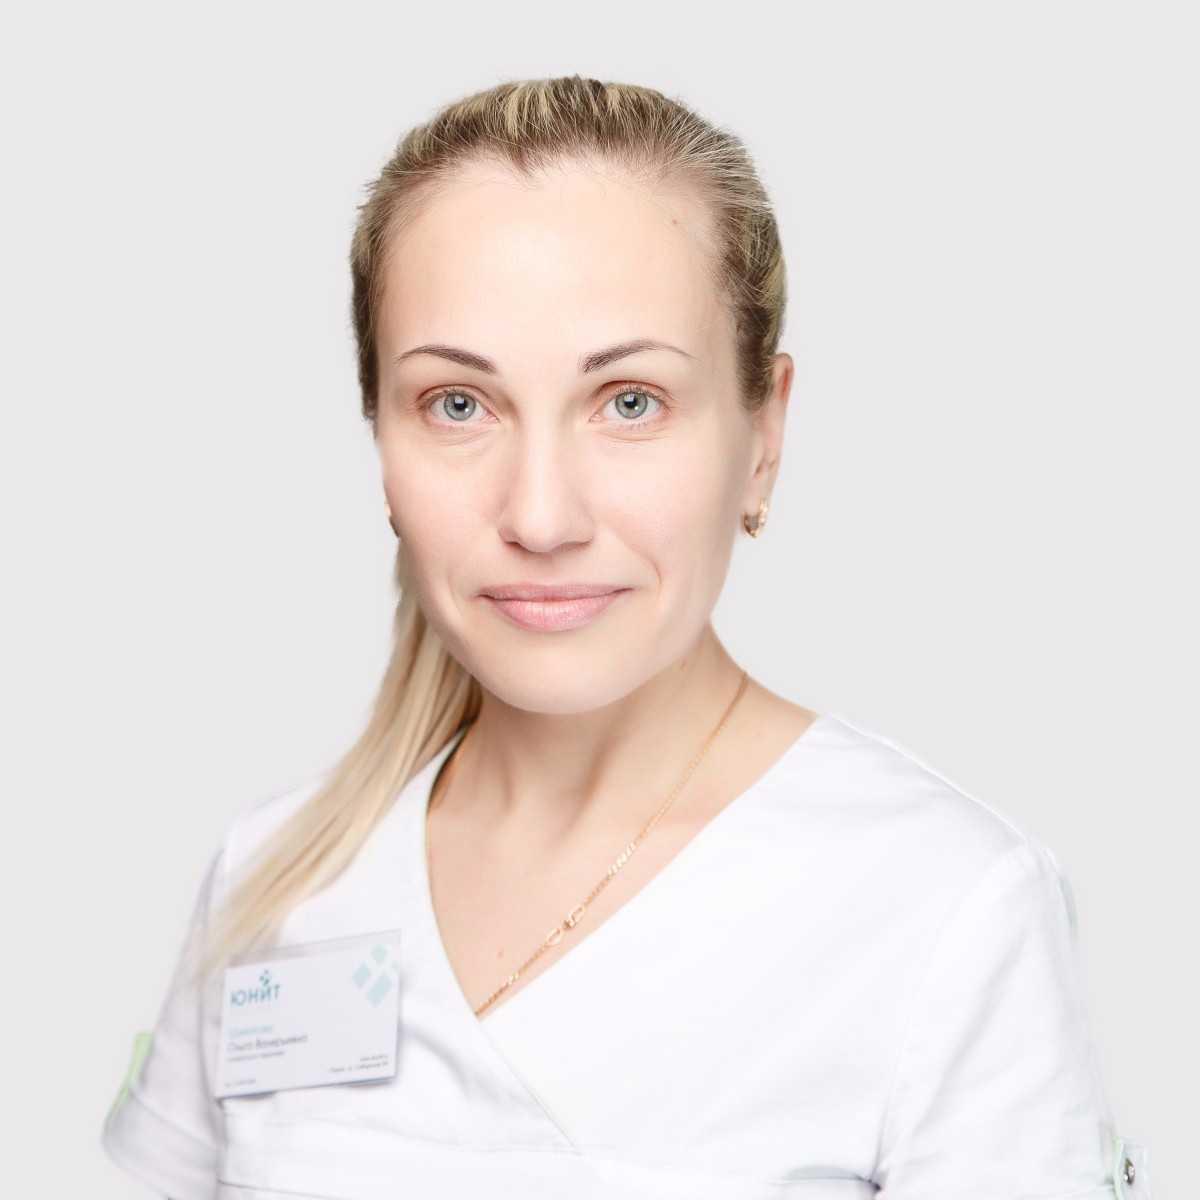 Шуматова Ольга Валерьевна - фотография